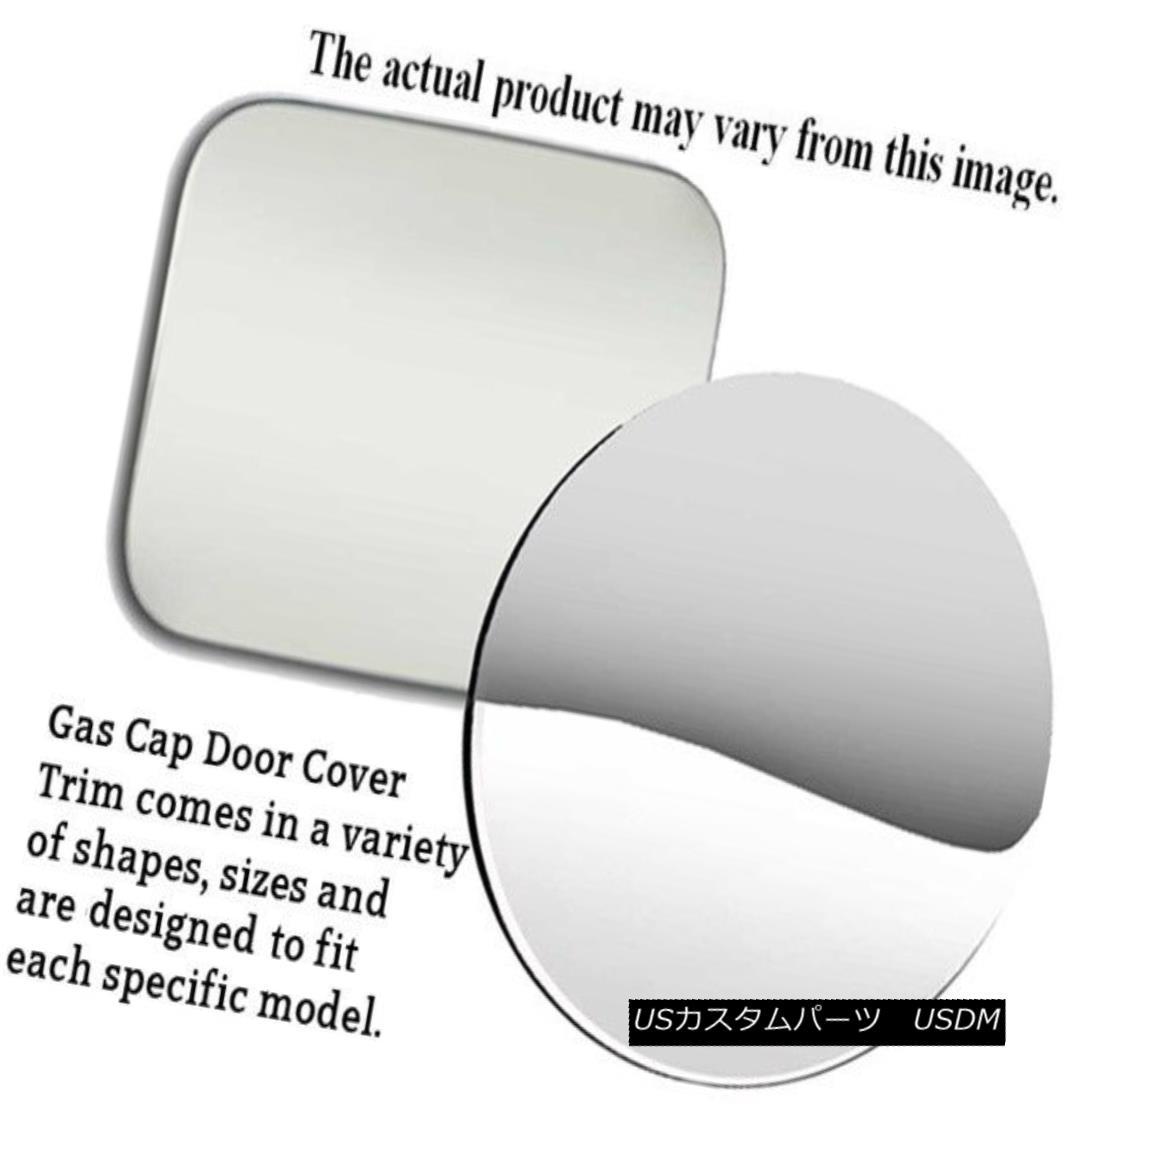 グリル Fits 1990-1994 LINCOLN TOWN CAR 4-door -Stainless Steel GAS CAP DOOR 1990-1994 LINCOLN TOWN CAR 4ドア - ステンレススチールガスCAP DOOR